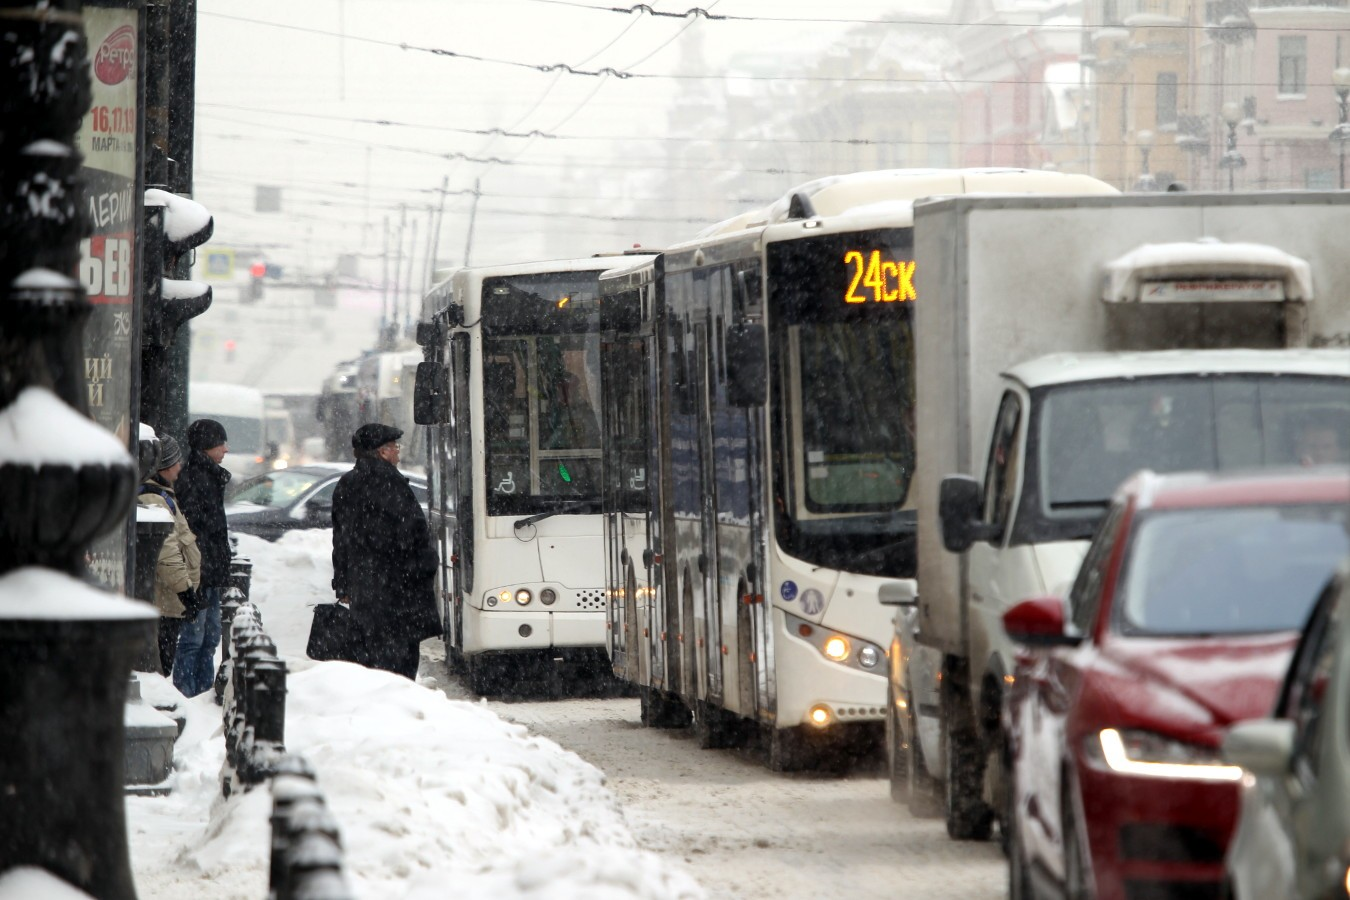 снегопад пробка автомобили автобусы троллейбусы Невский проспект